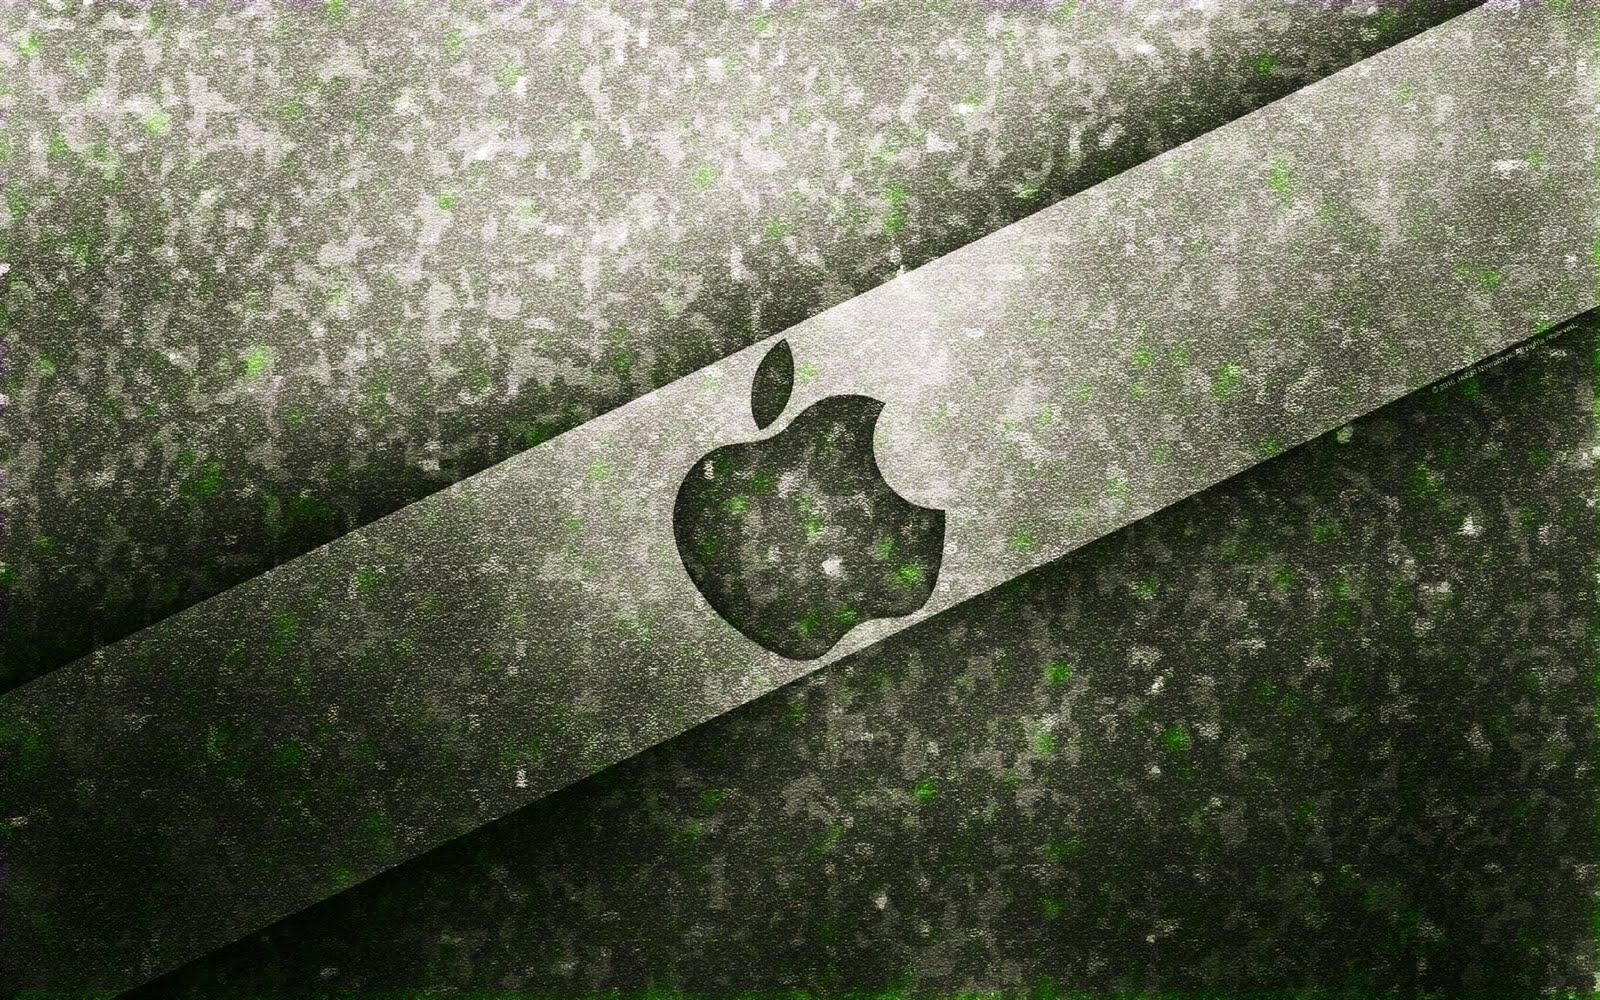 http://3.bp.blogspot.com/-iNnVf74l7Ec/Tf8Zc5Z1JJI/AAAAAAAAIus/24KnI8KjNFE/s1600/Apple%2BMac%2BWallpaper%2BHQ.jpg